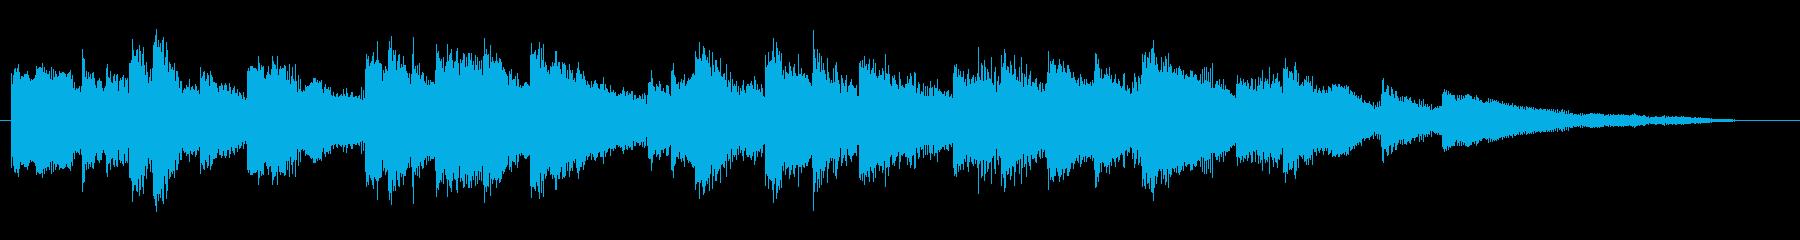 爽やか・明るい ピアノのジングル 20秒の再生済みの波形